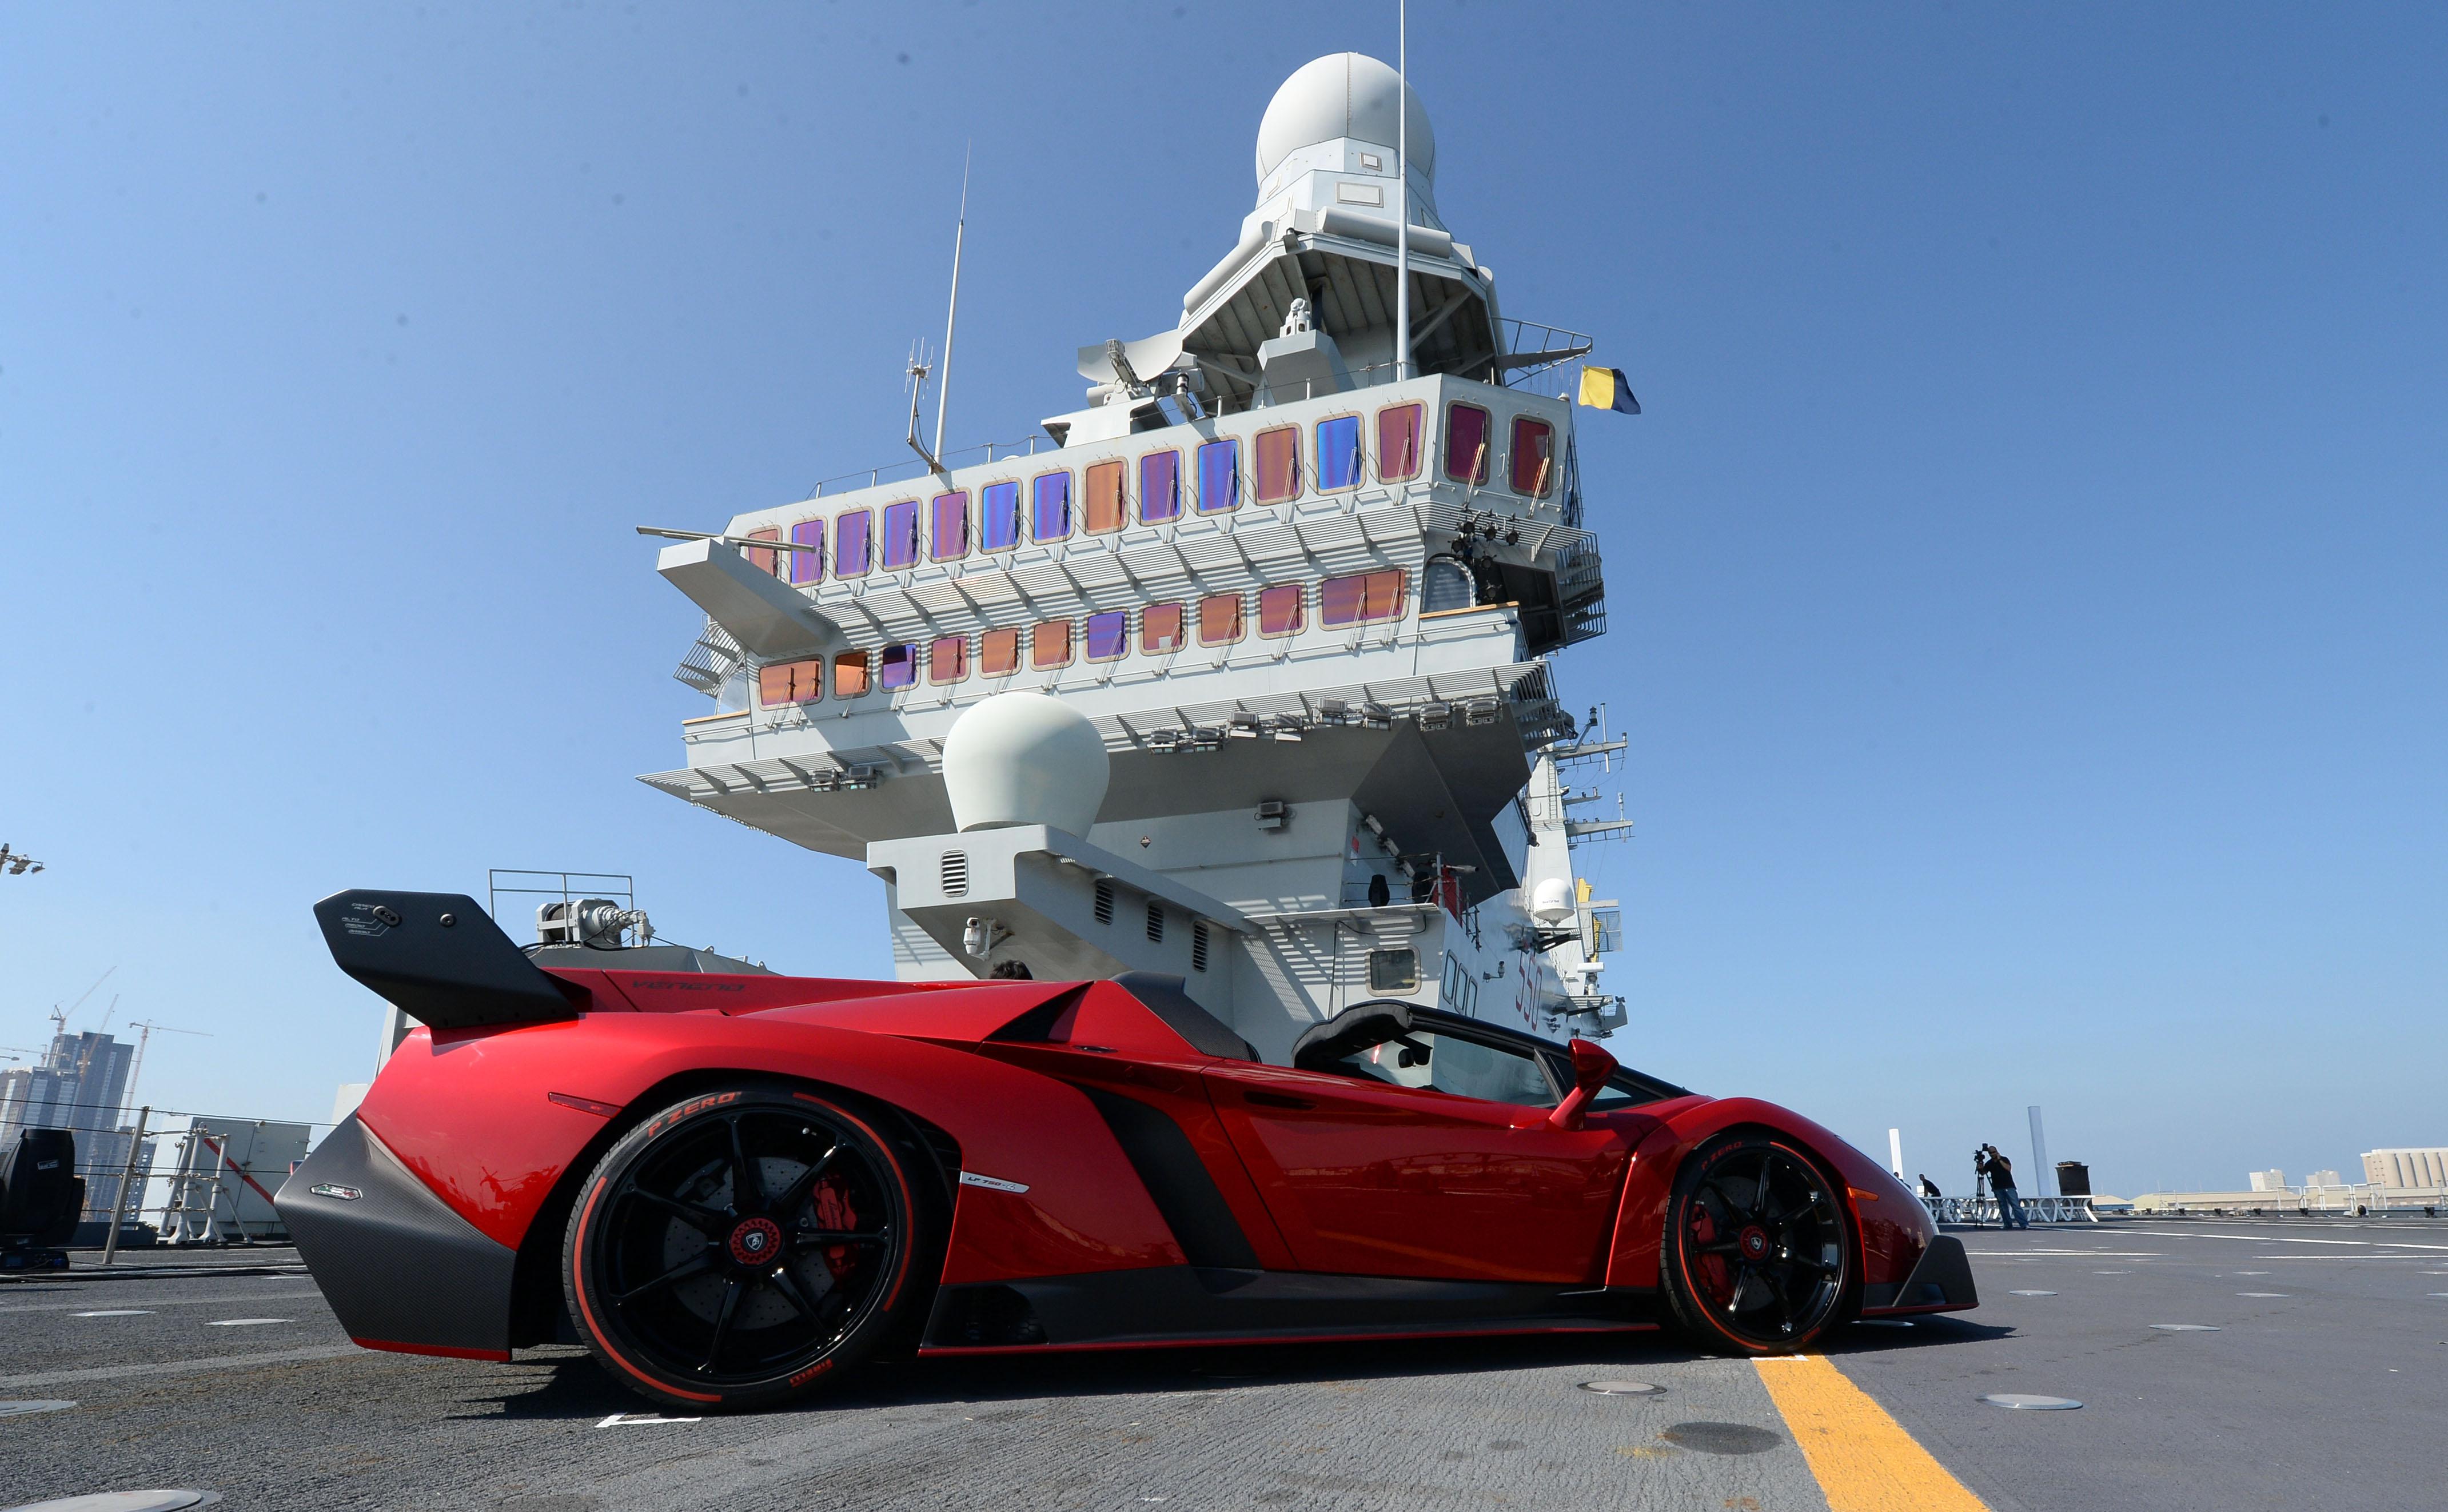 Anteprima mondiale ad Abu Dhabi per la Veneno Roadster